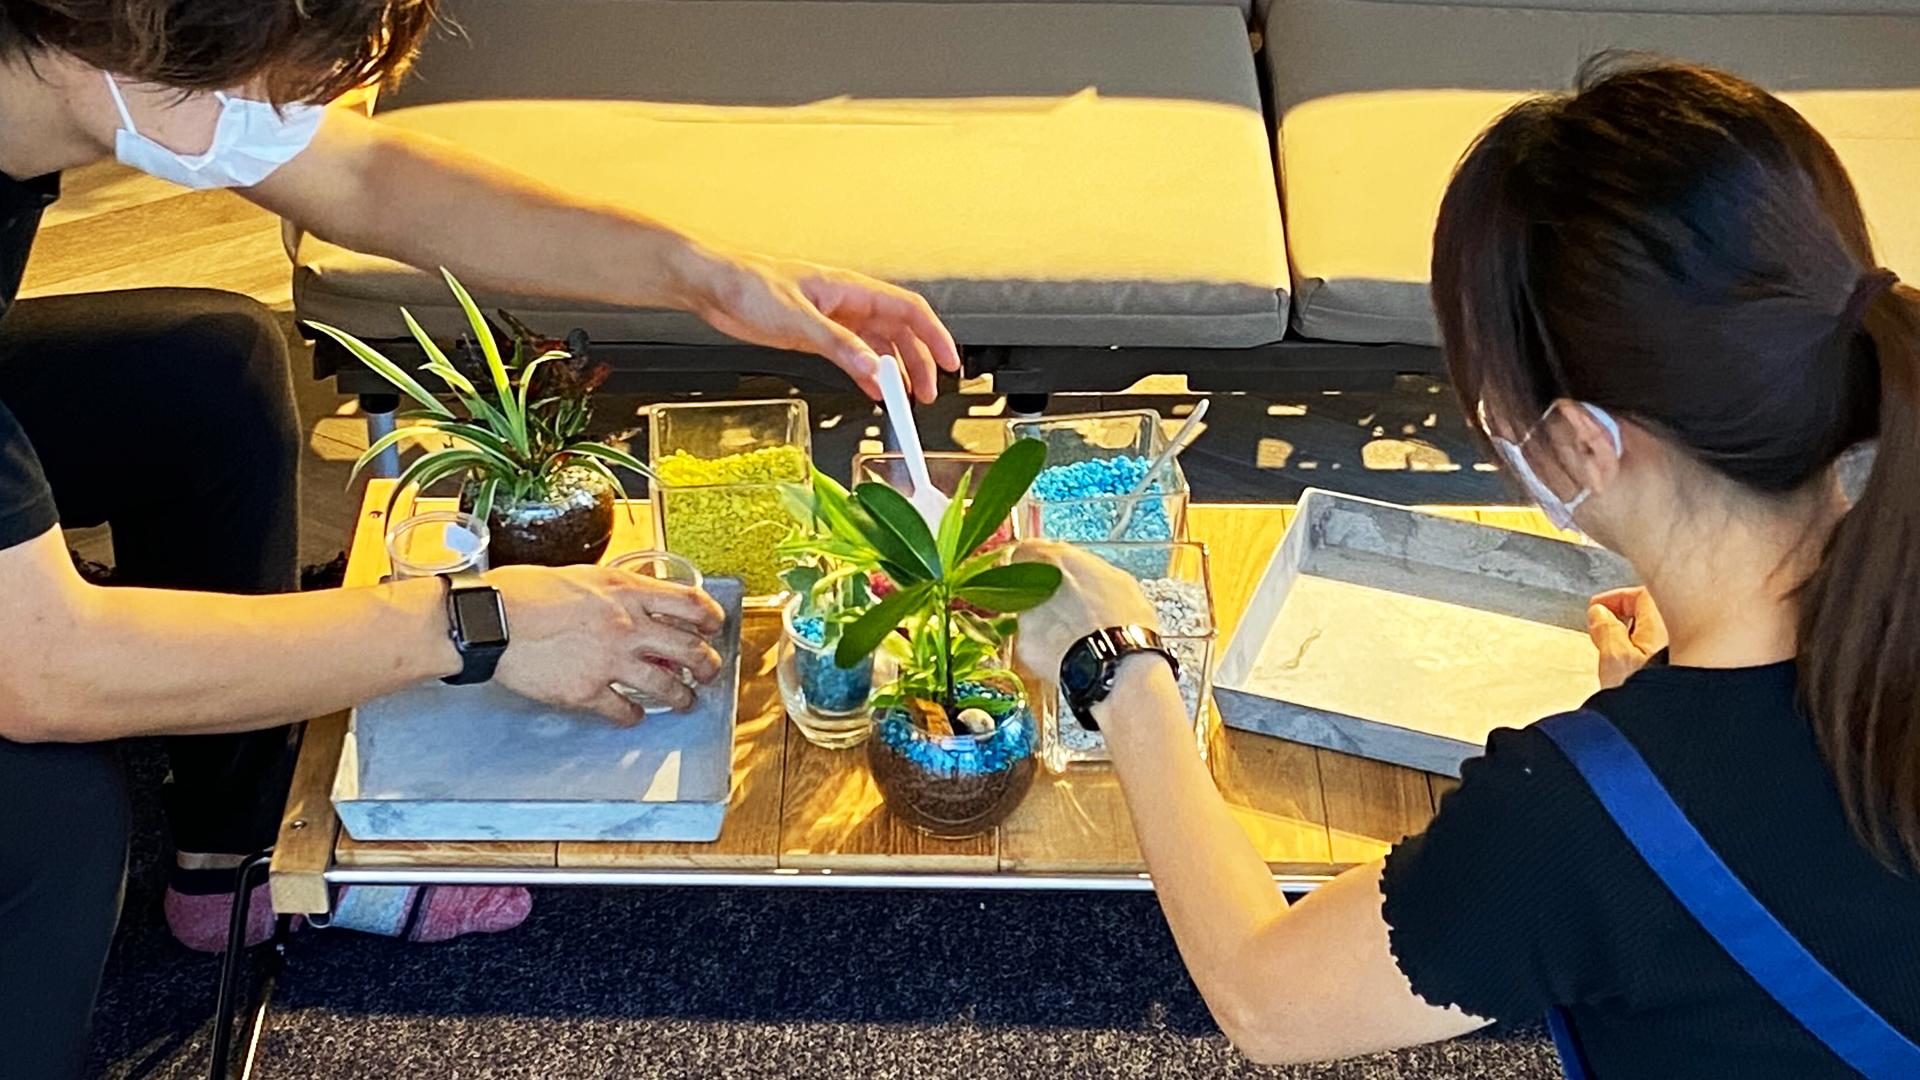 キャンピングオフィスで植物のワークショップをしている様子。ソファでくつろぎながら楽しくワークショップ。